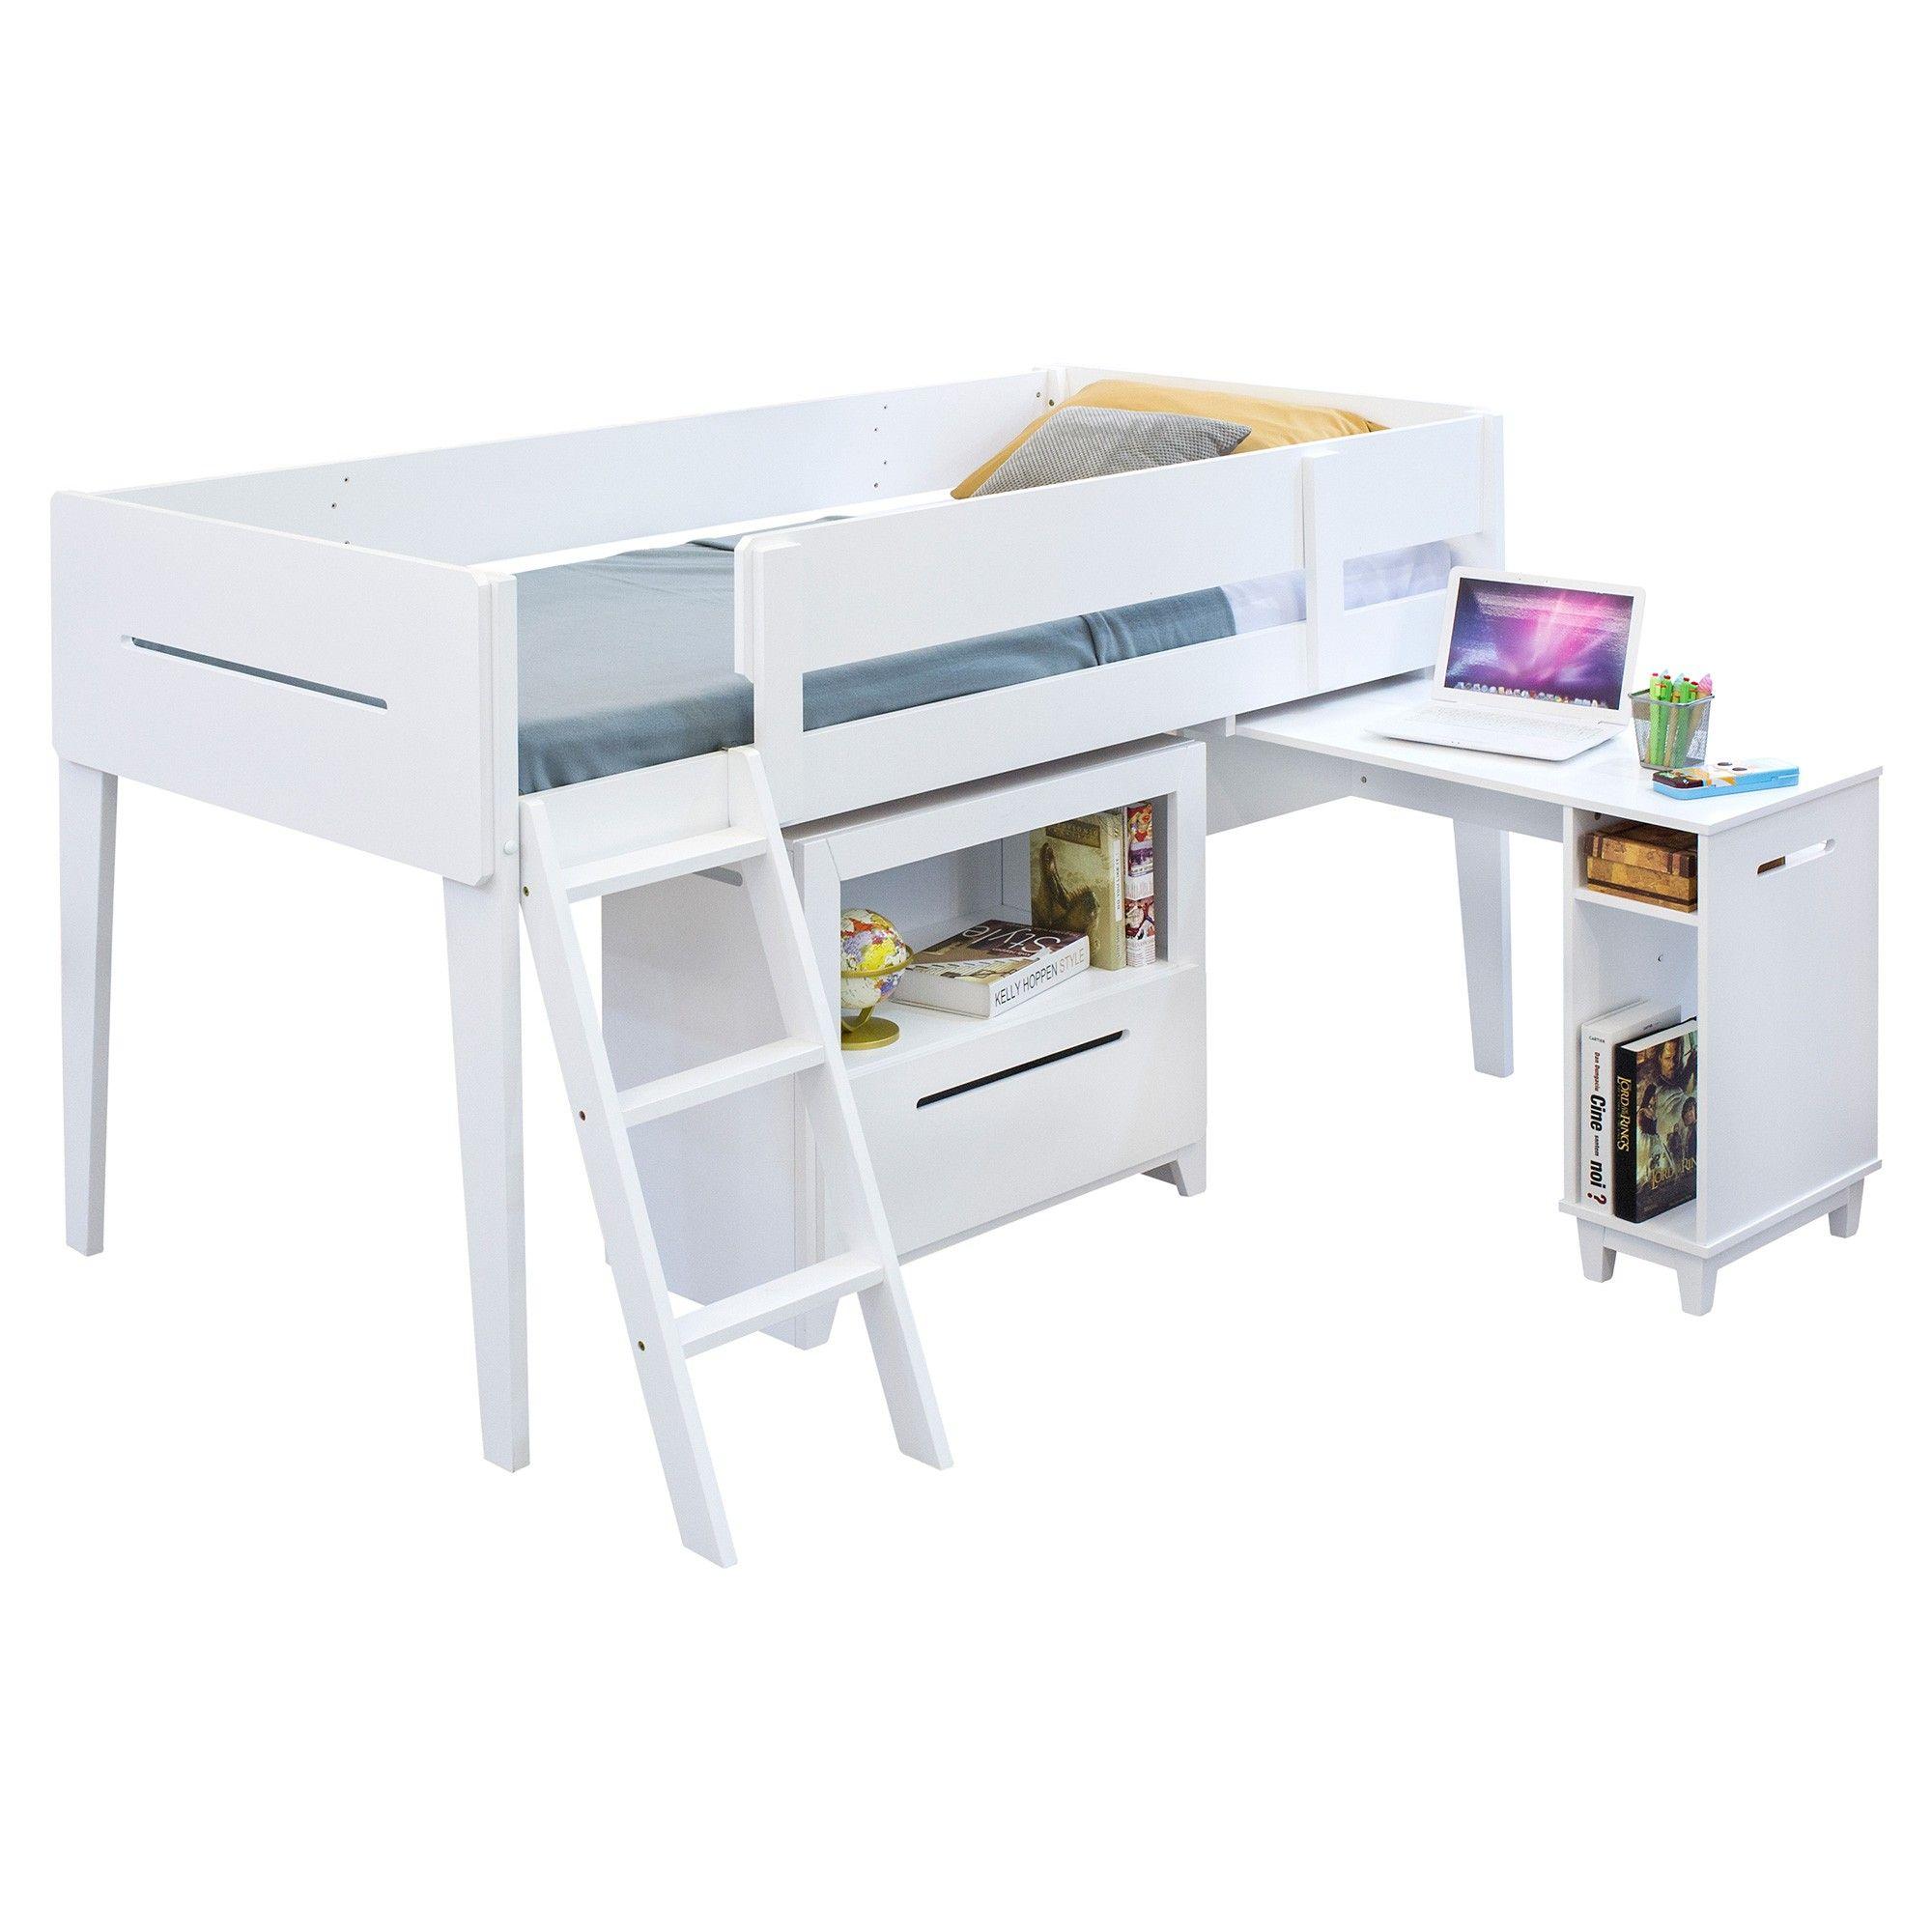 Nucla Timber Midi Sleeper Single Loft Bed Single Loft Bed